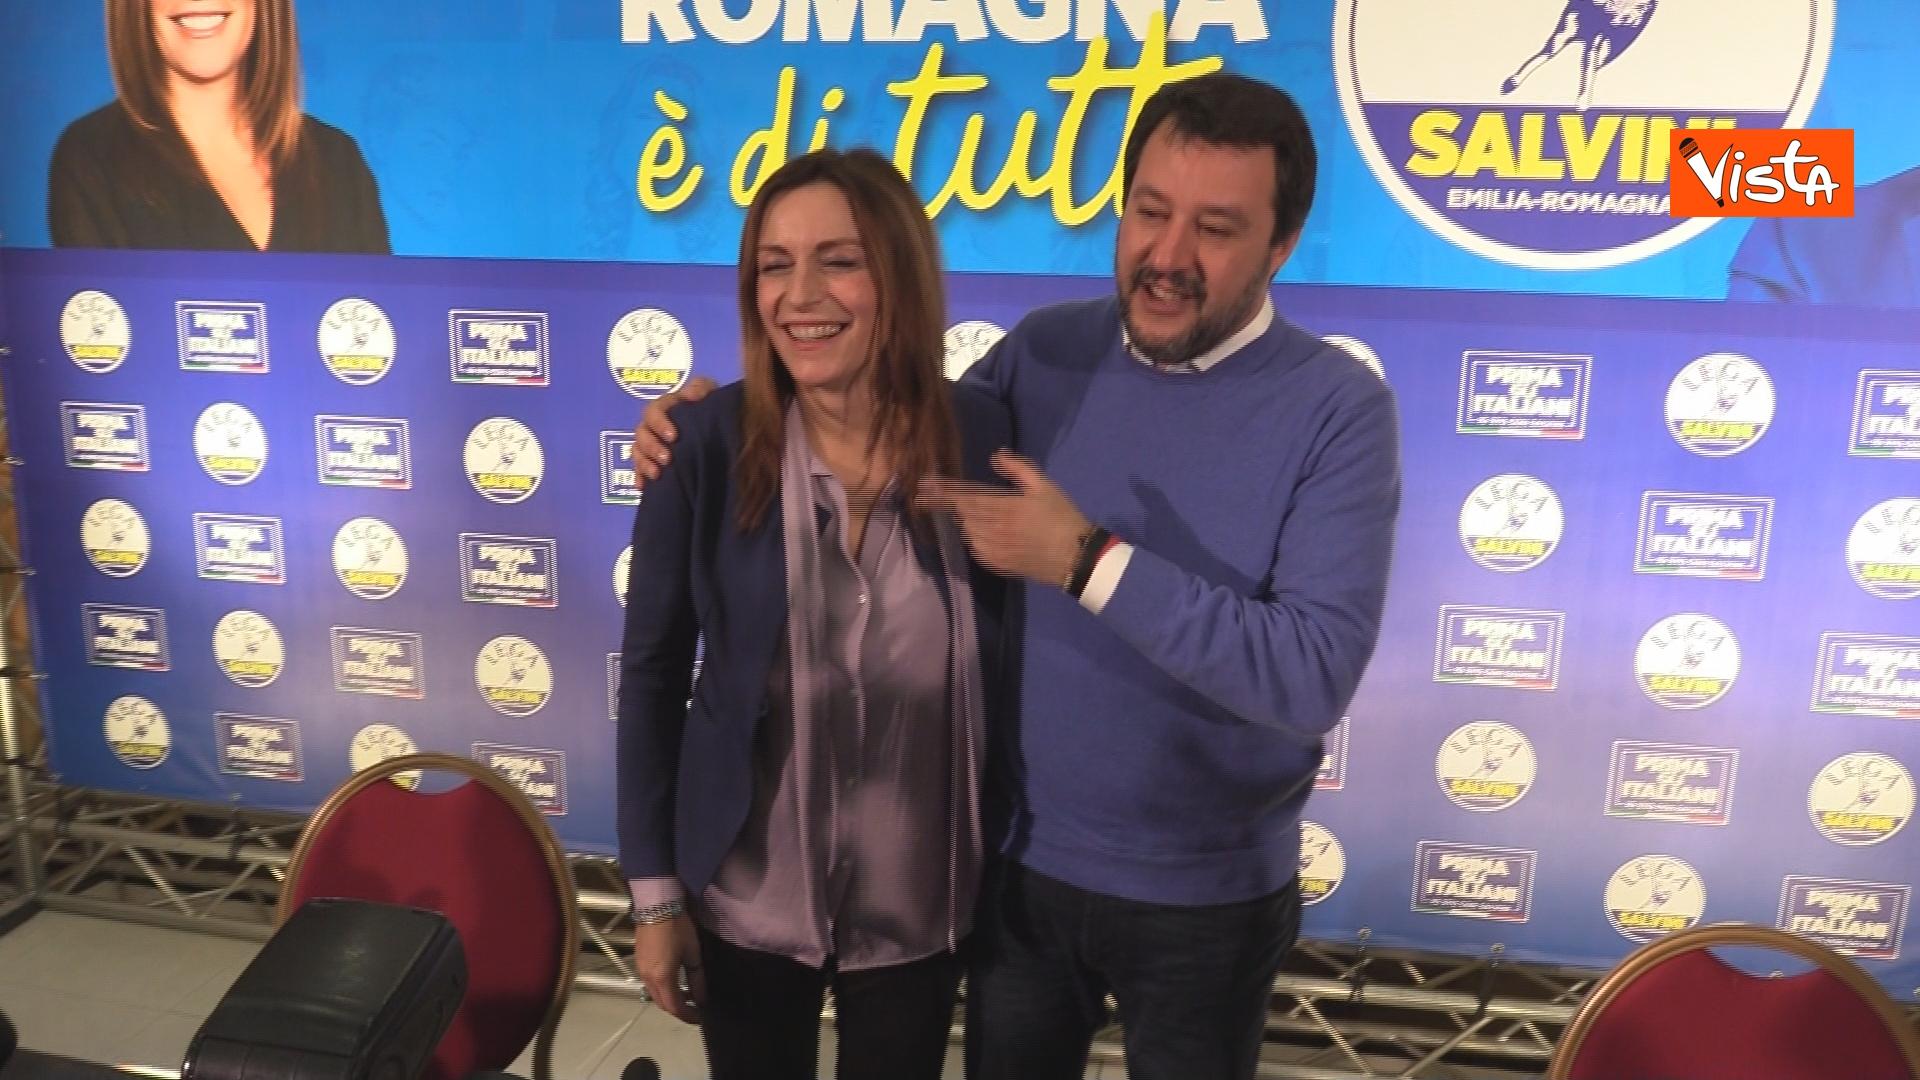 27-01-20 Salvini e Borgonzoni in conferenza stampa sul risultato del voto in Emilia-Romagna, le immagini_09